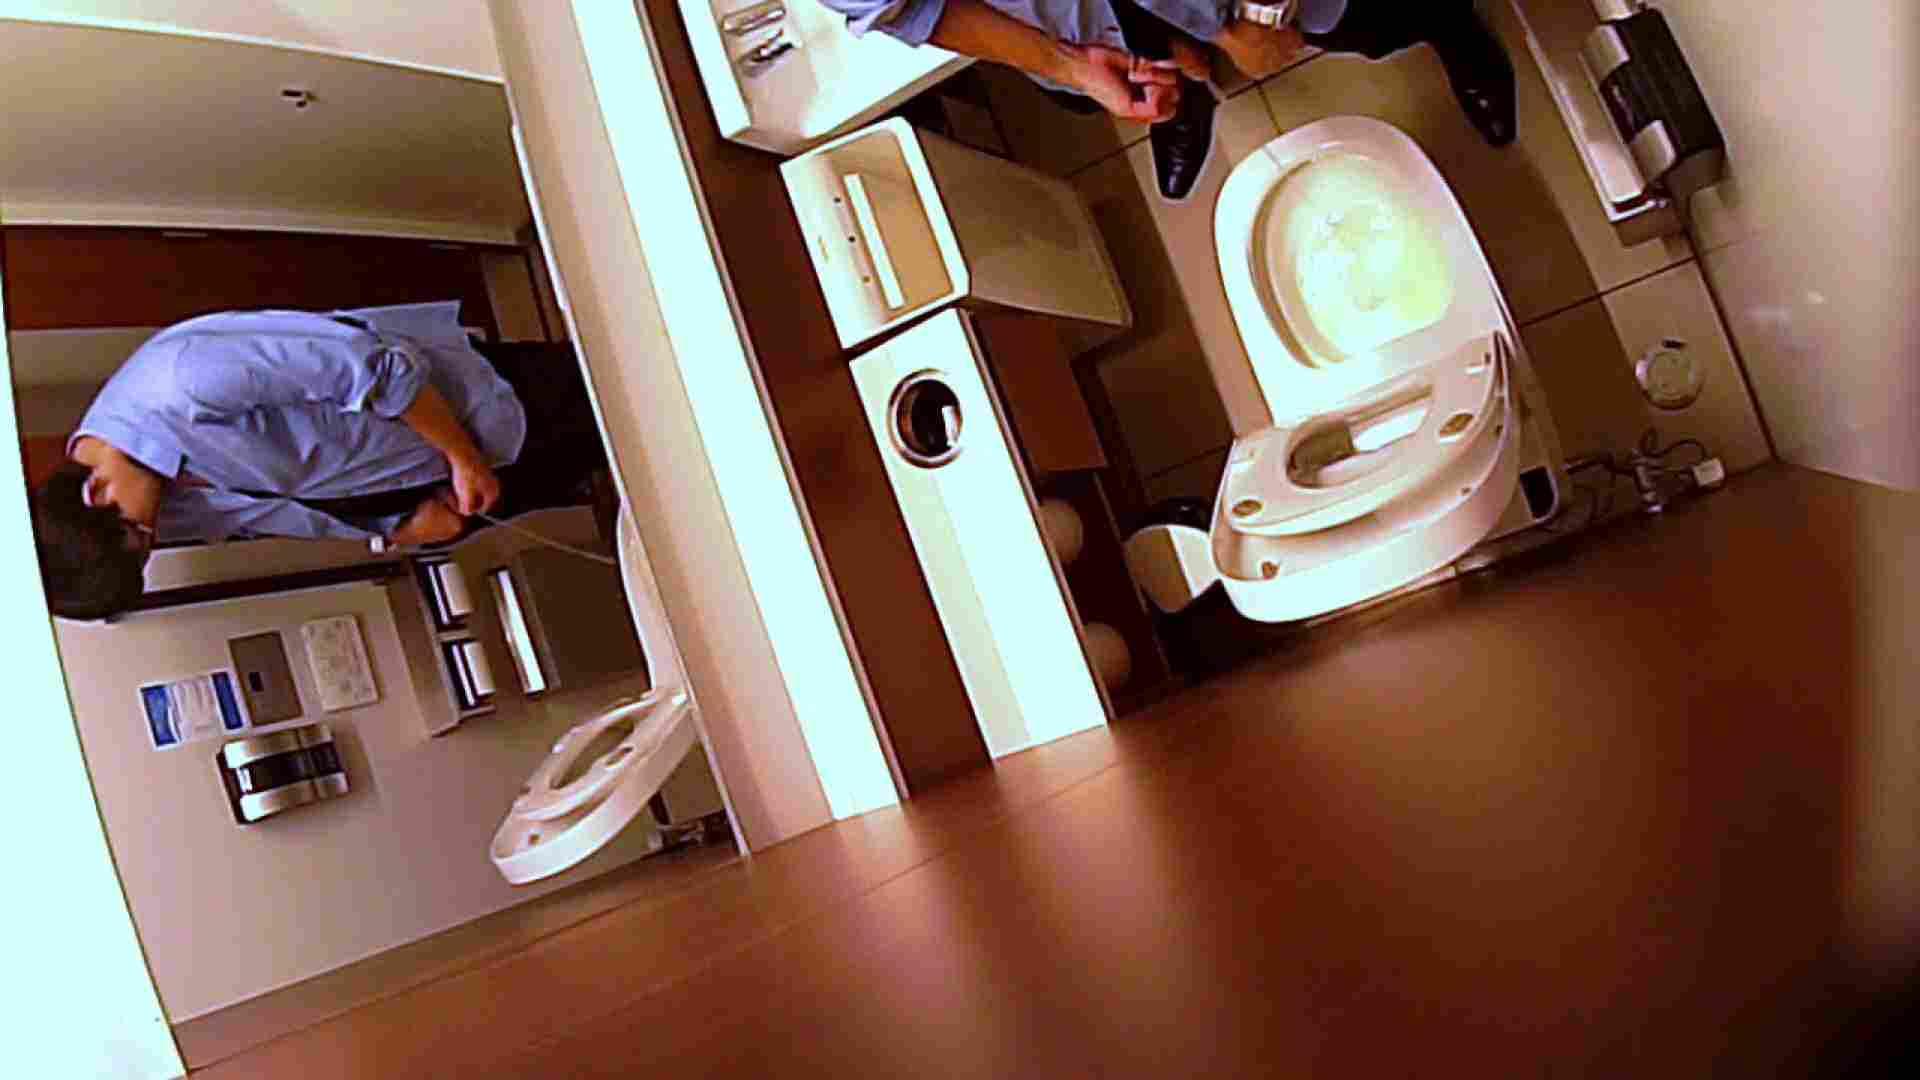 すみませんが覗かせてください Vol.31 トイレ | 0  94pic 47